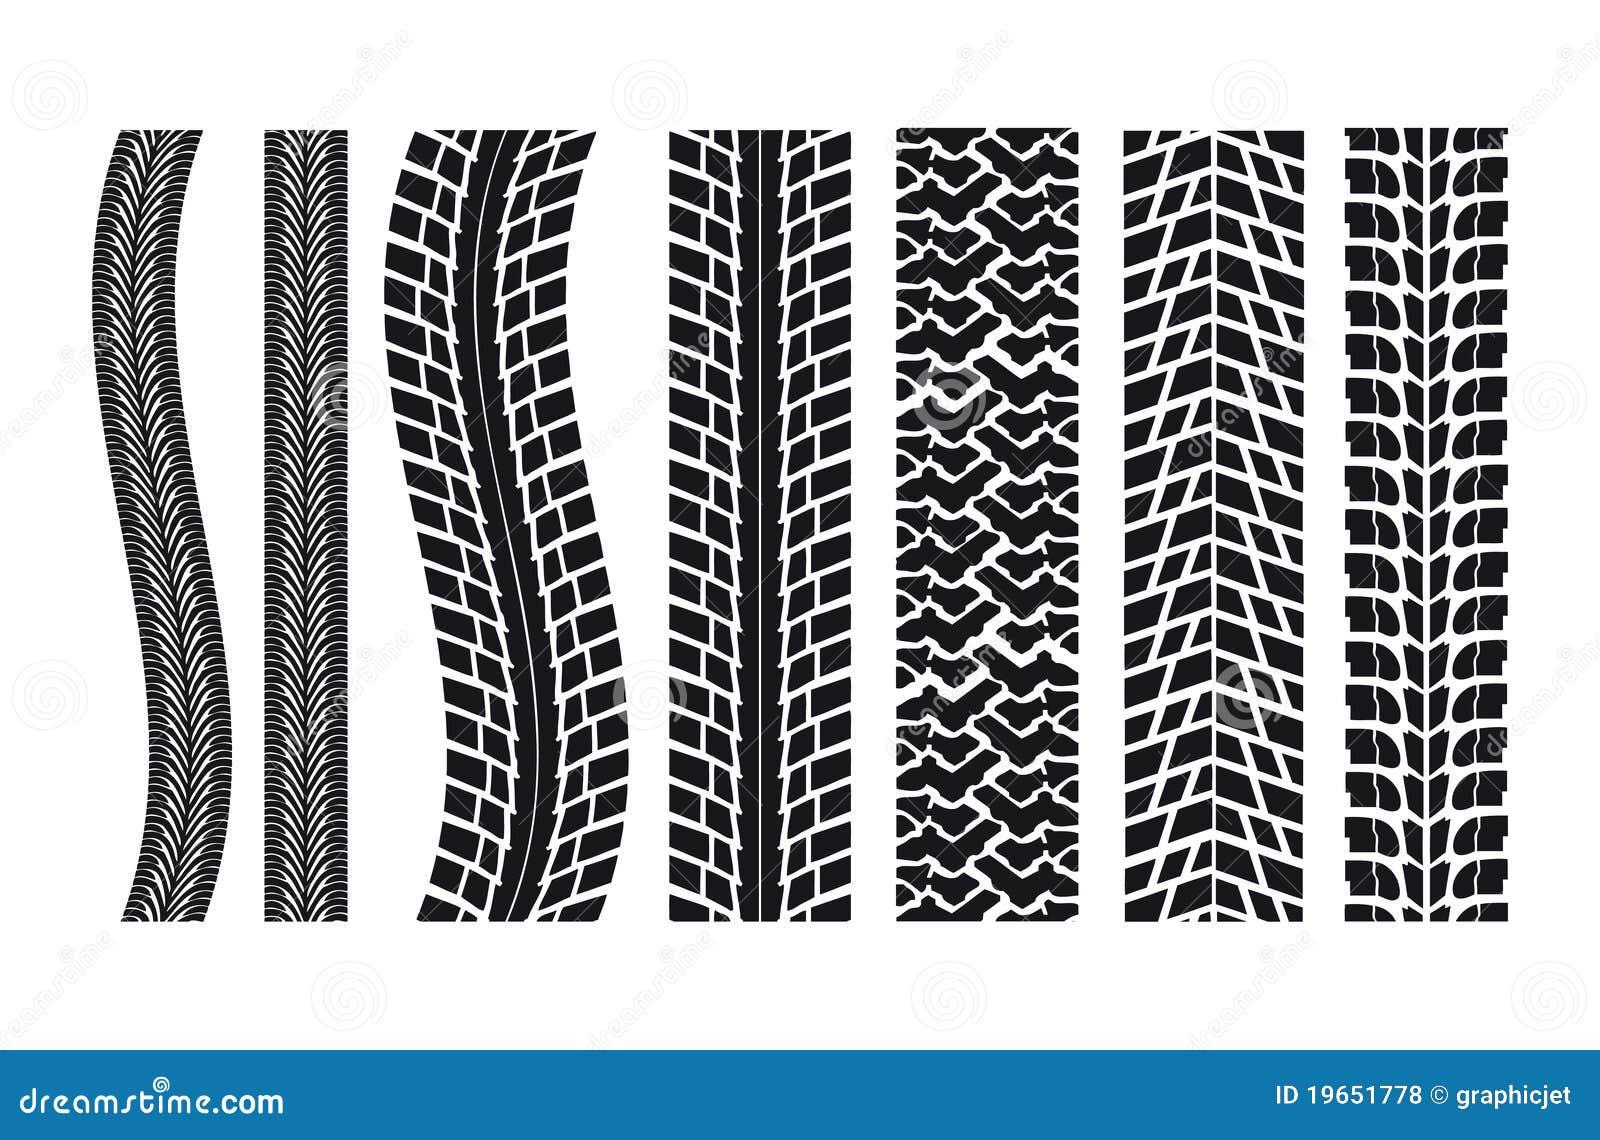 фото следы колес векторное тем